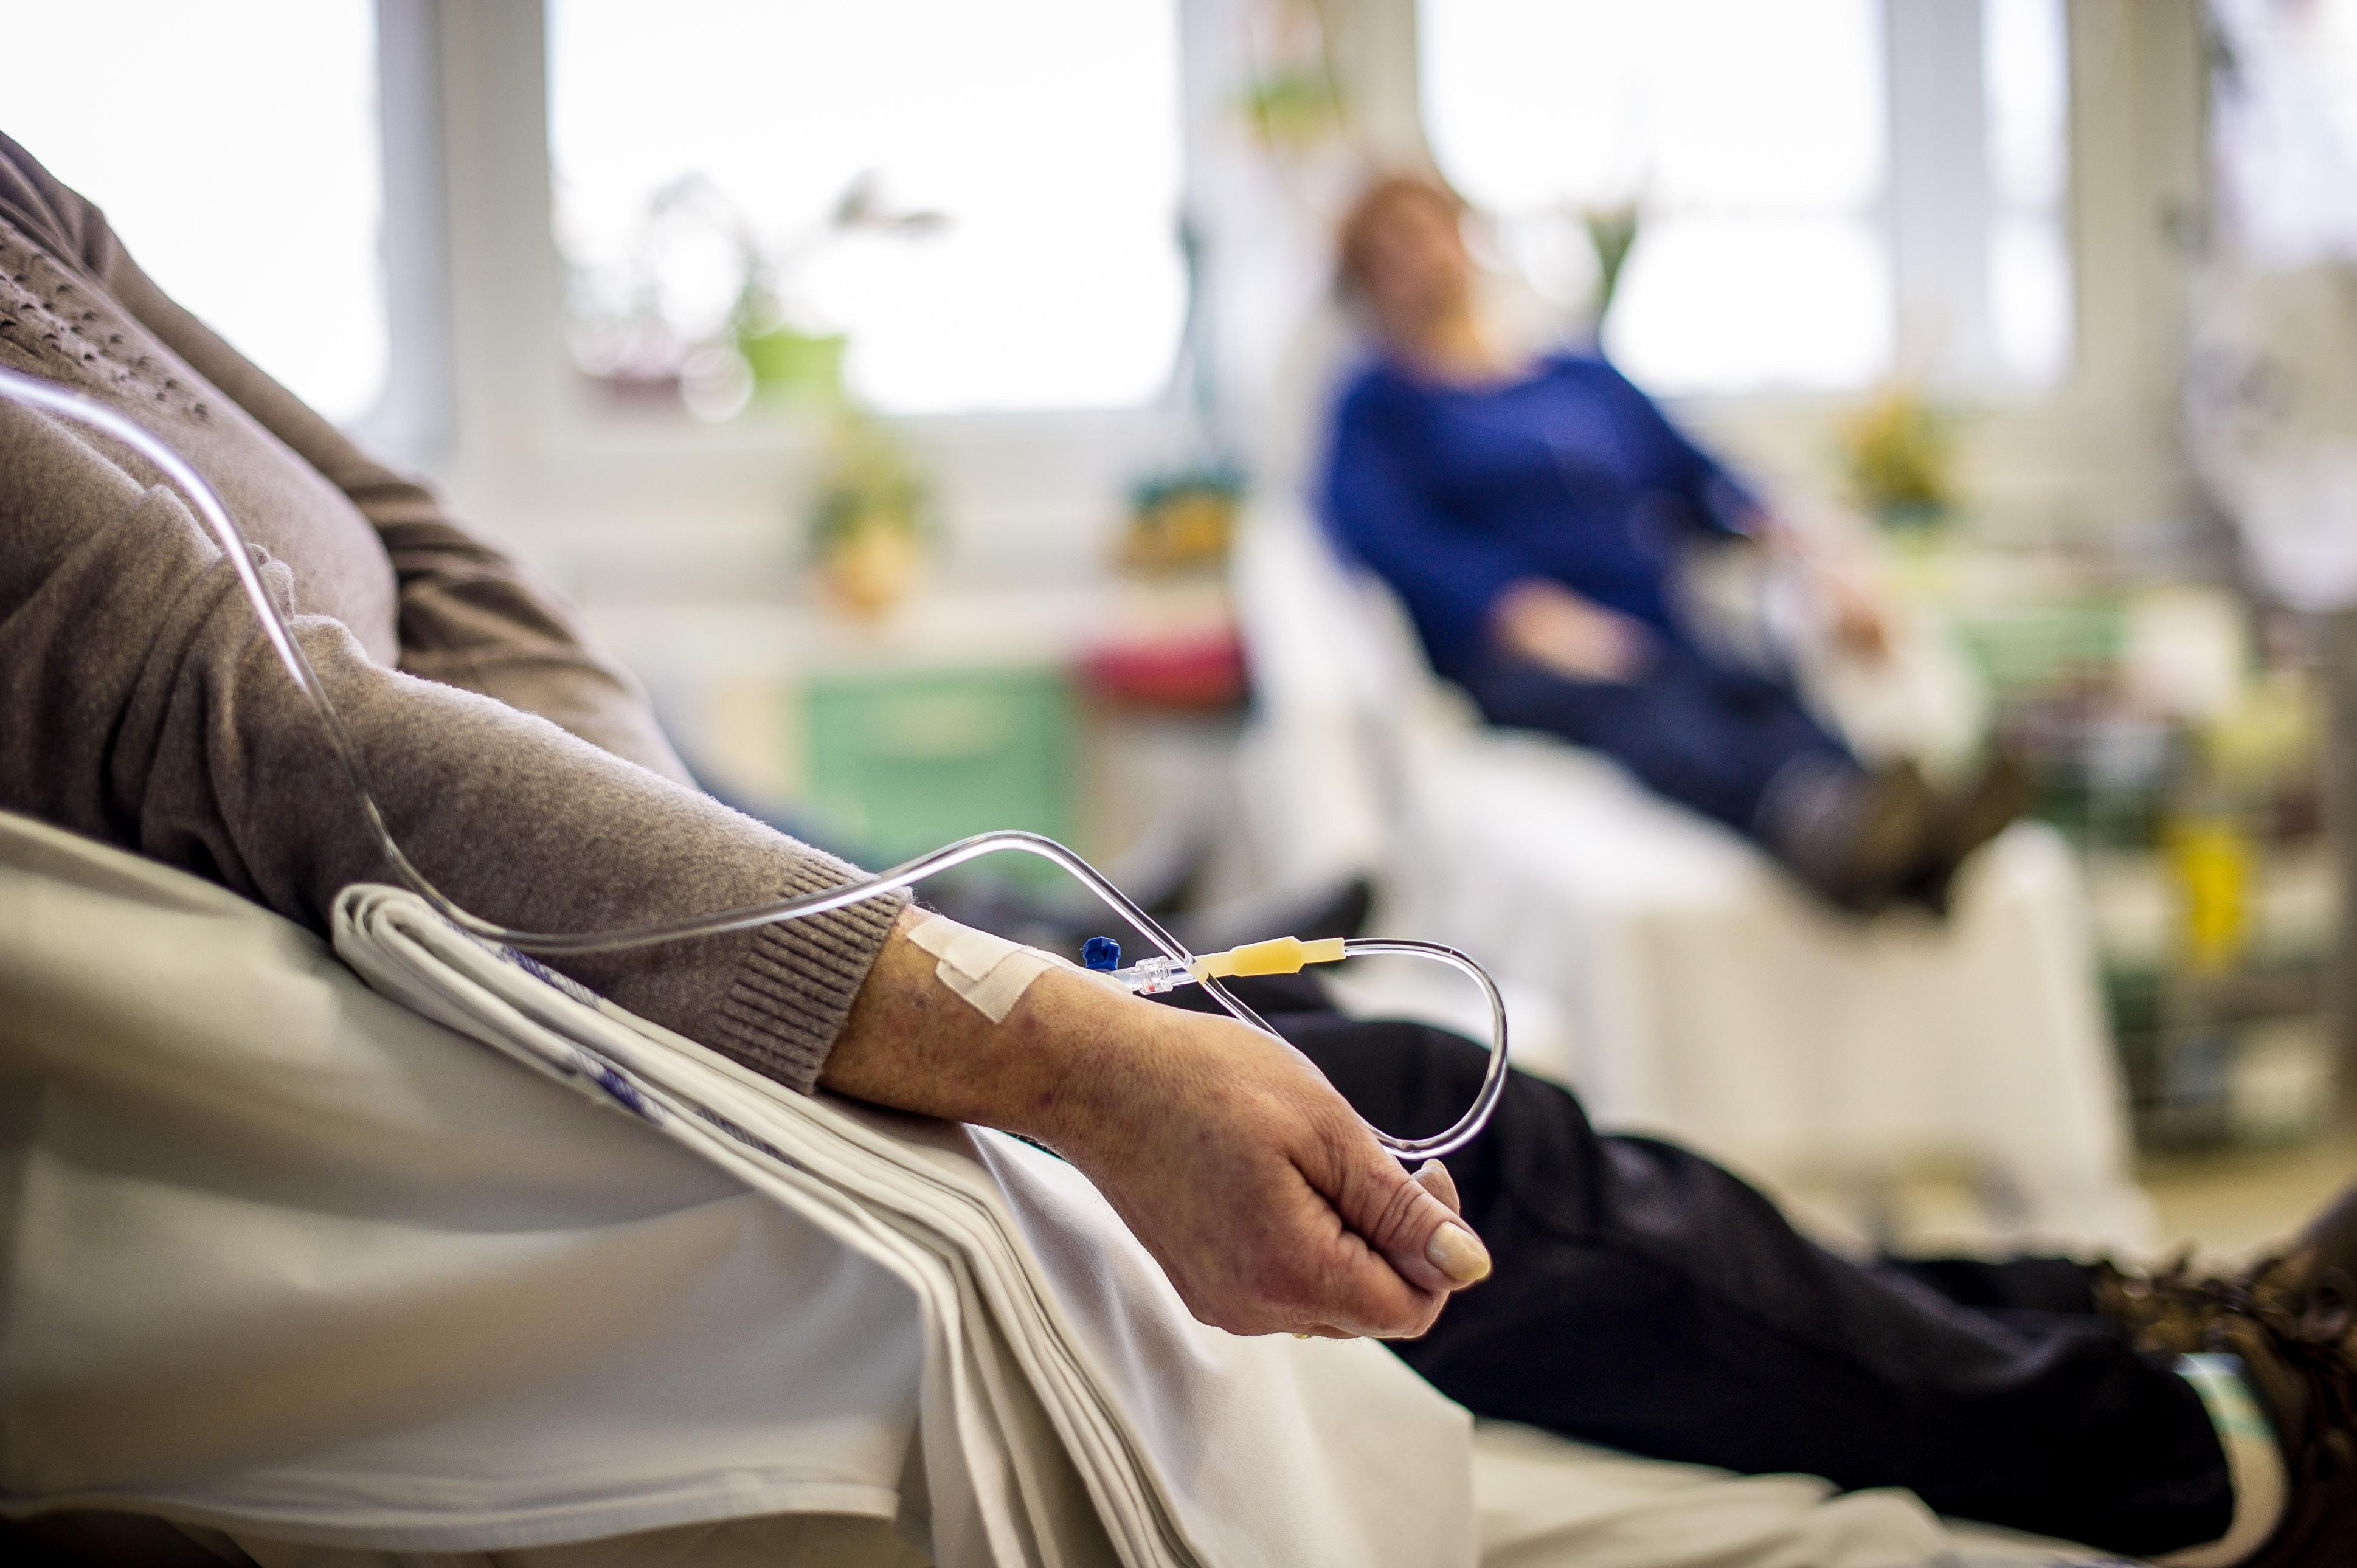 Apesar de pertencerem ao grupo de risco, pacientes oncológicos devem seguir tratamentos